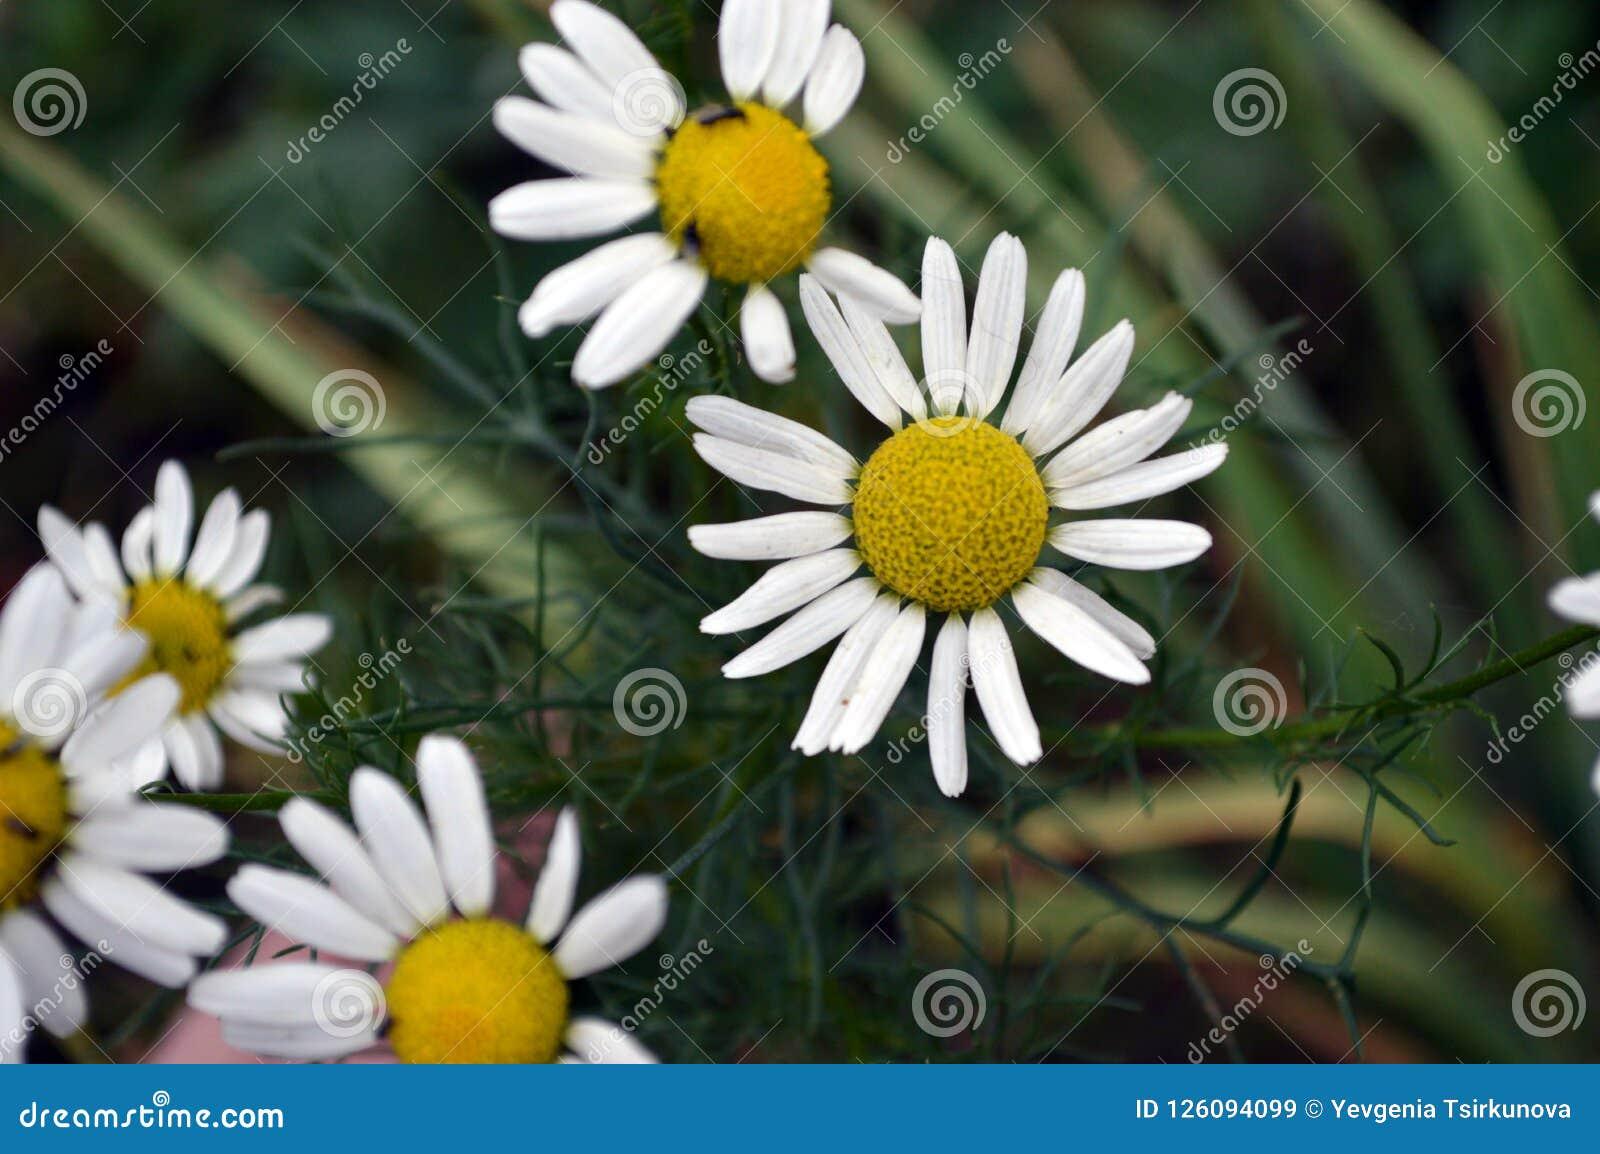 Fleurs d une camomille Ils sont beaux dans leur simplicité